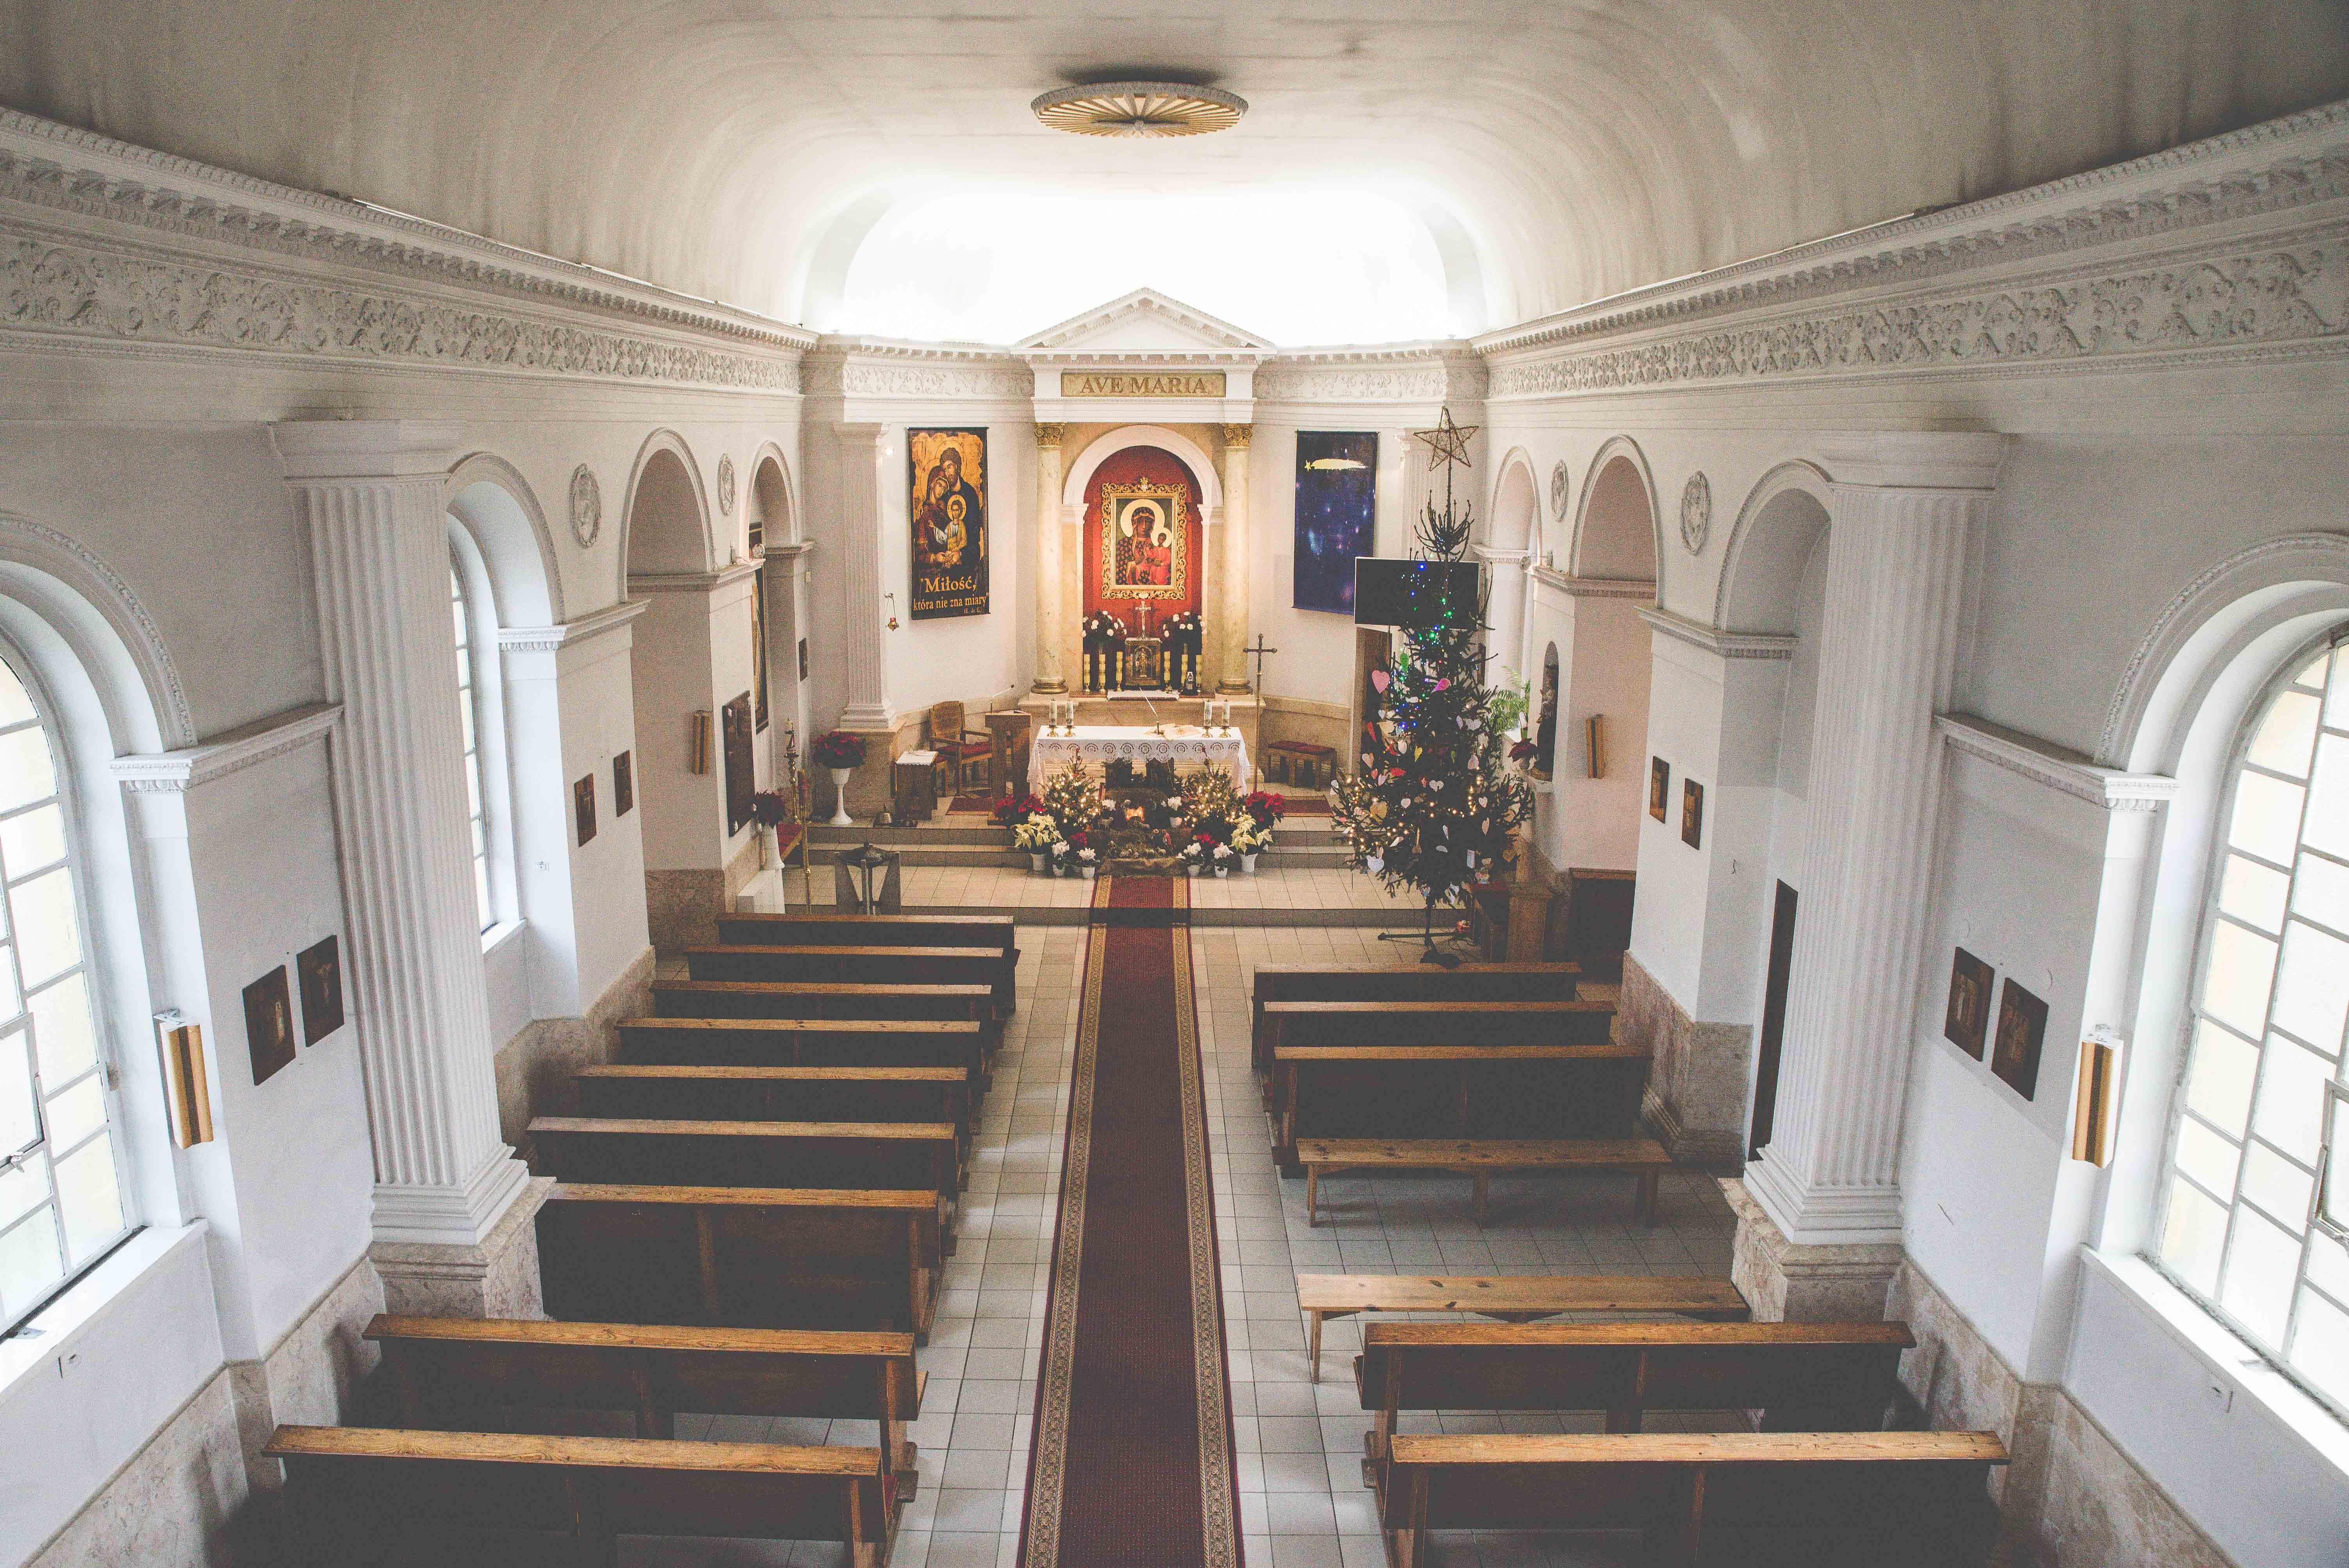 Kosciol Najswietszej Maryi Panny Czestochowskiej we Wroclawiu male (5)